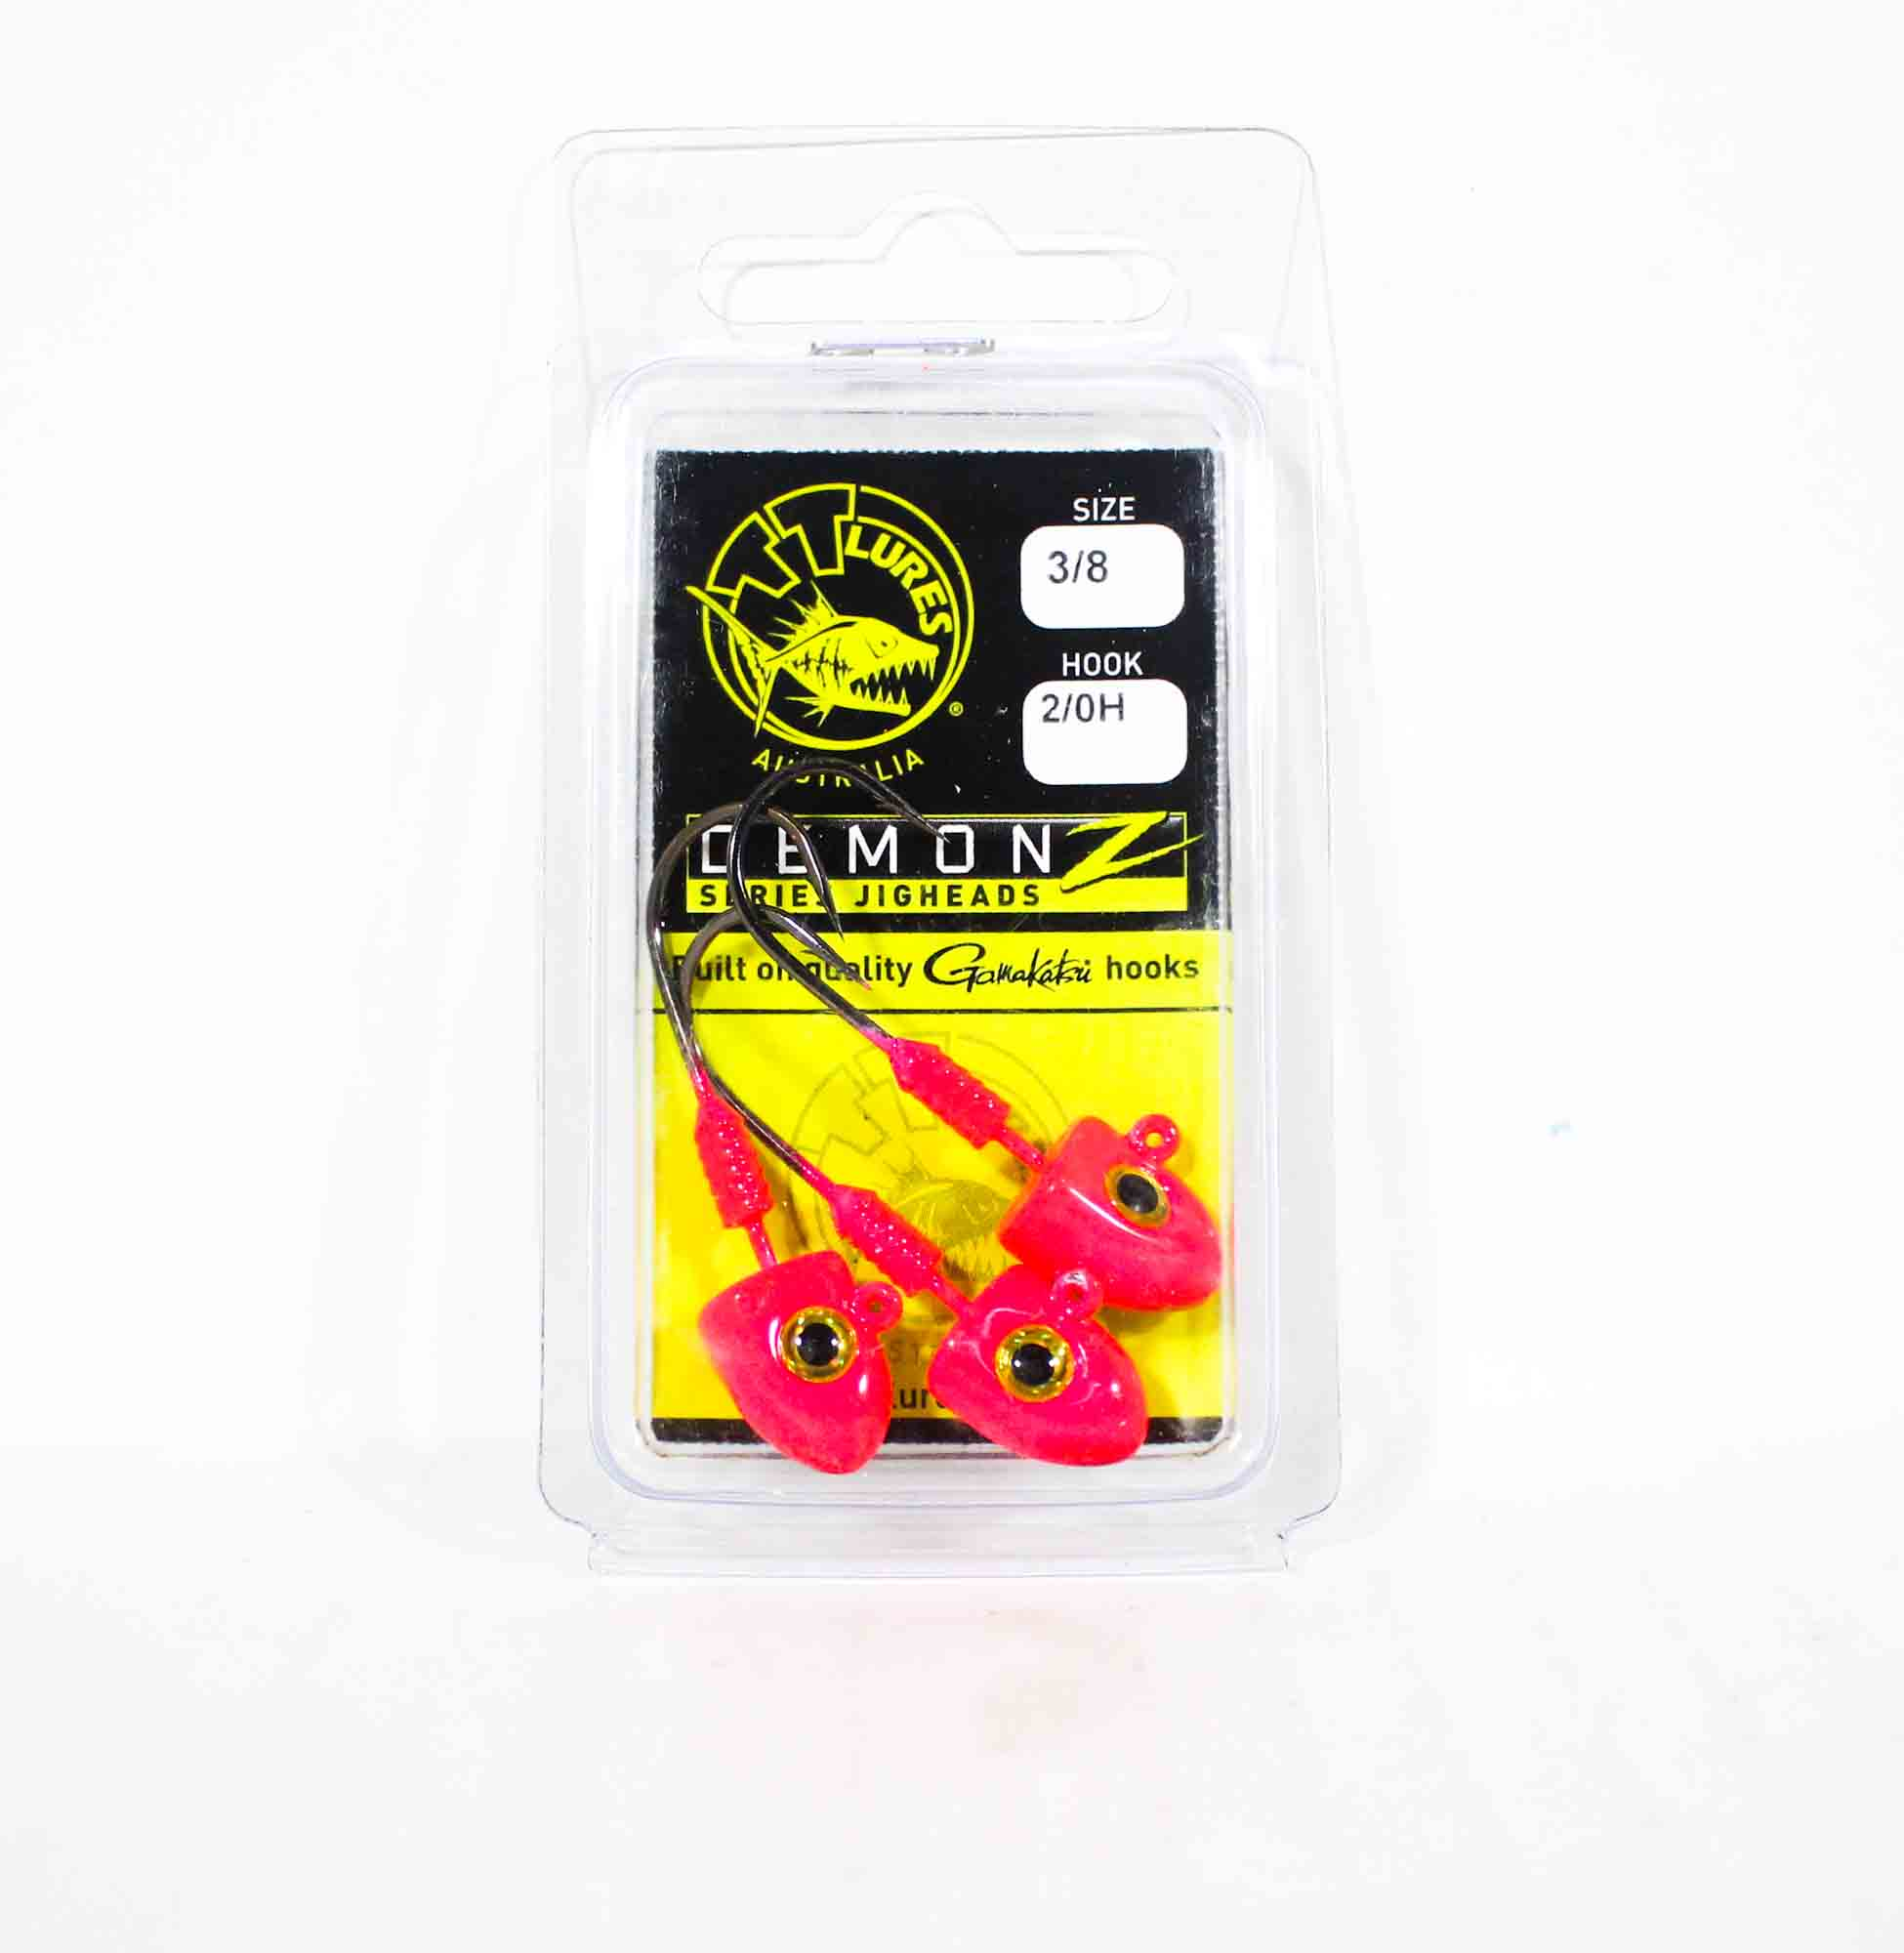 Tackle Tactics TT Demonz Jig Head 3/8oz 2/0H 3 per pack Pink (7167)